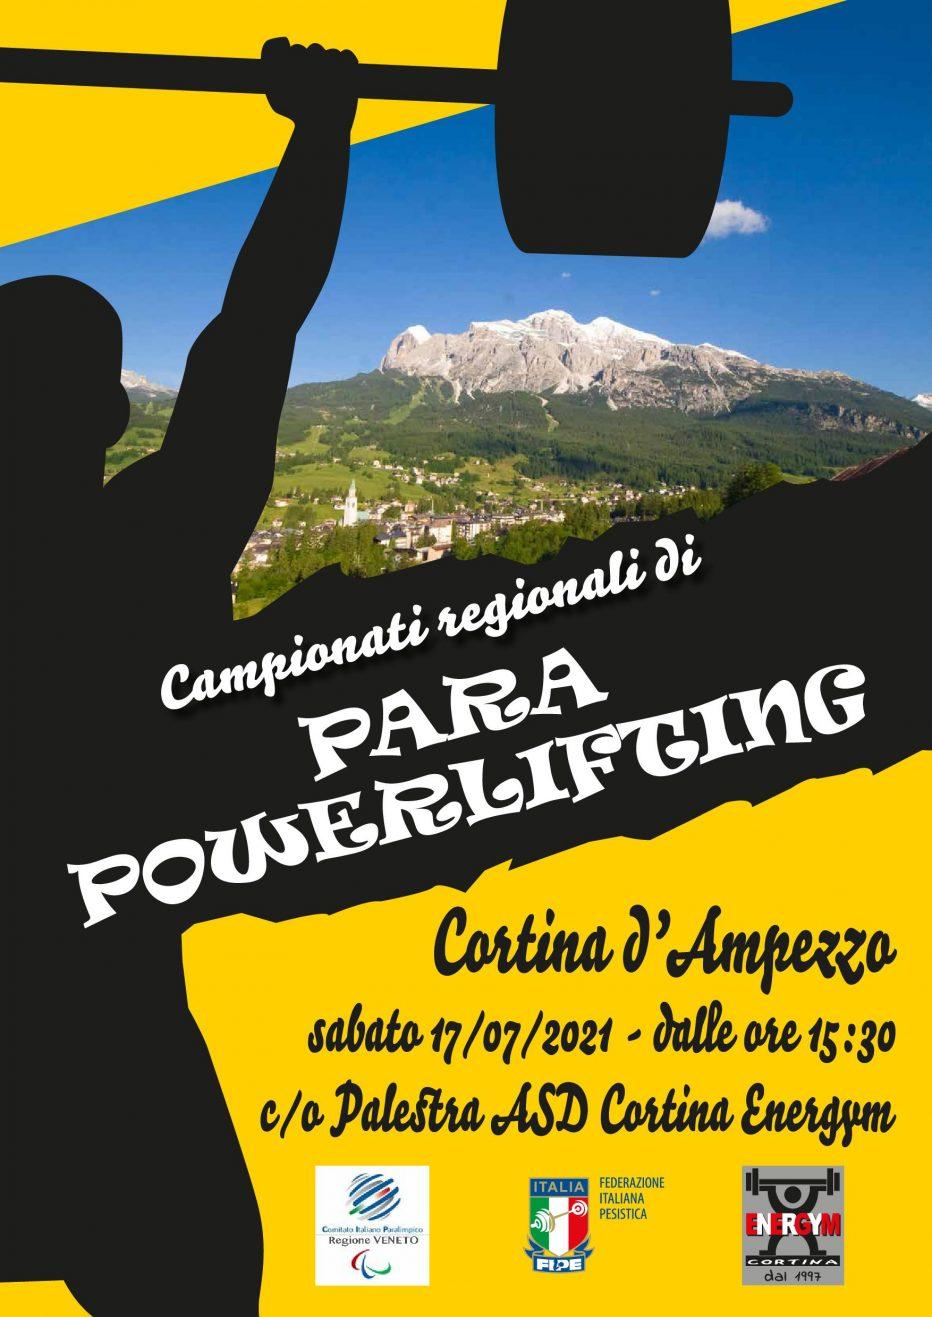 A CORTINA D'AMPEZZO I CAMPIONATI REGIONALI DI PARA POWERLIFTING